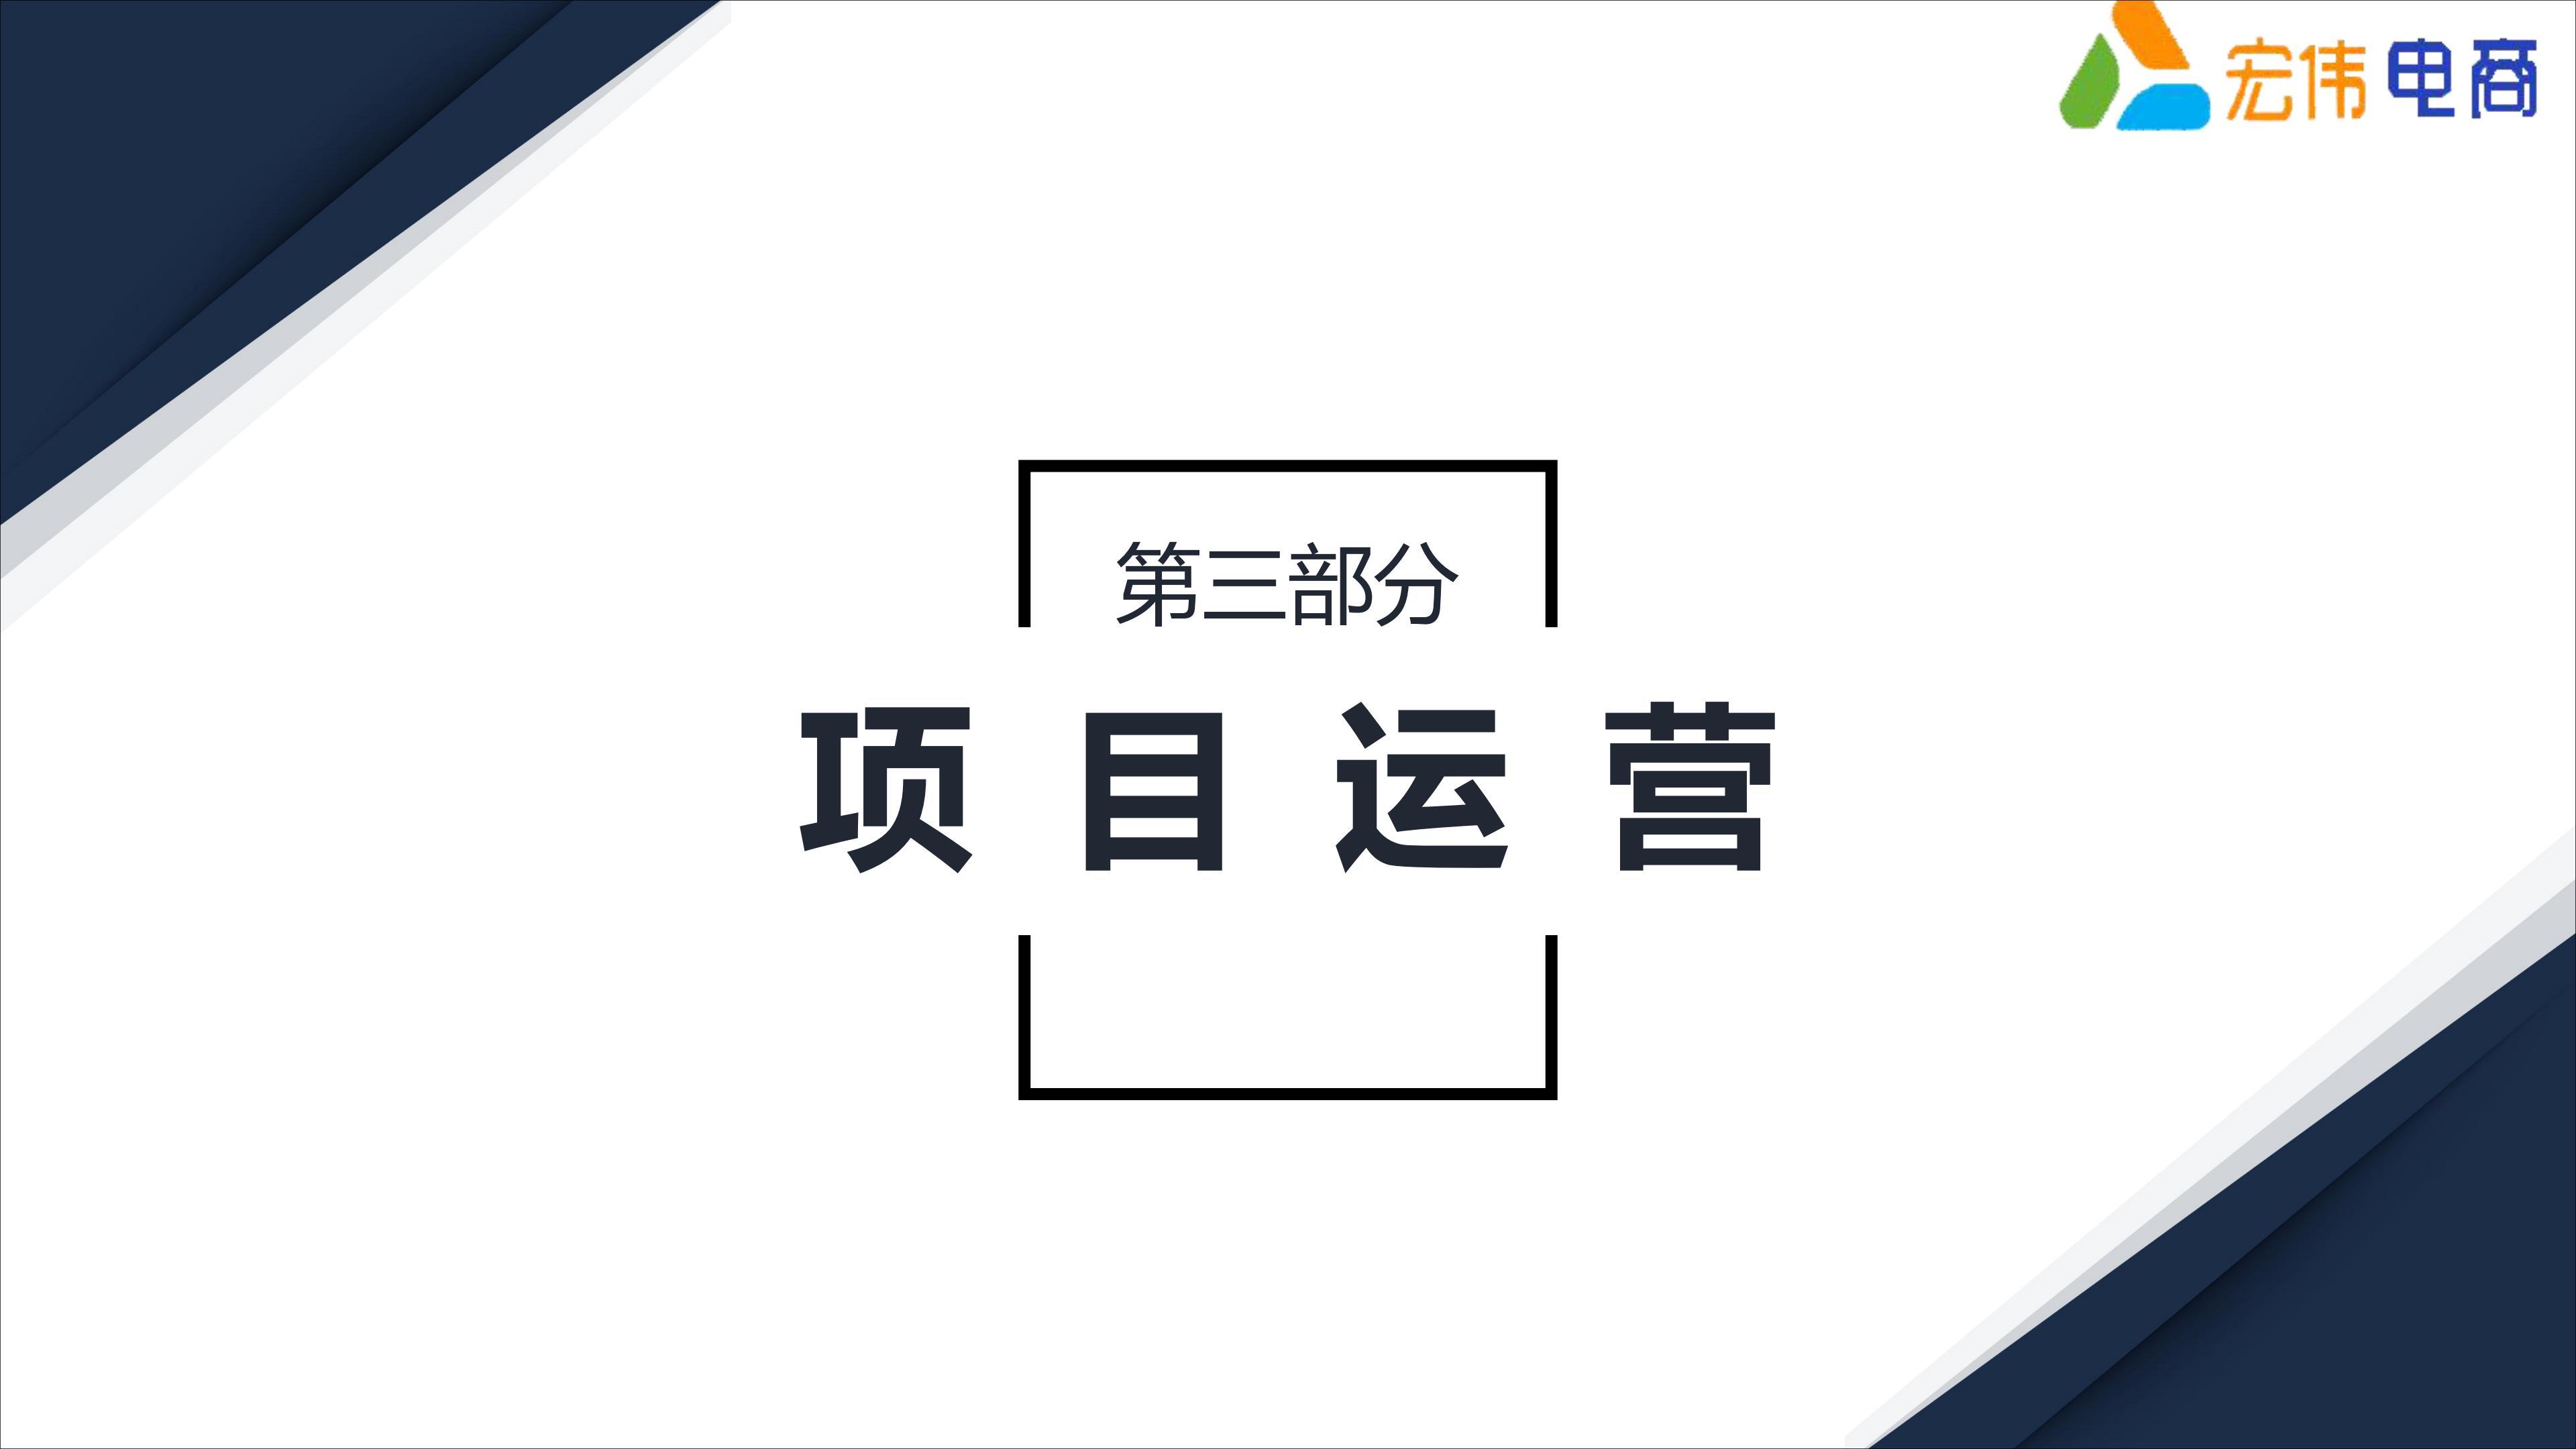 红薯助力万人脱贫创业计划定稿(1)_10.jpg